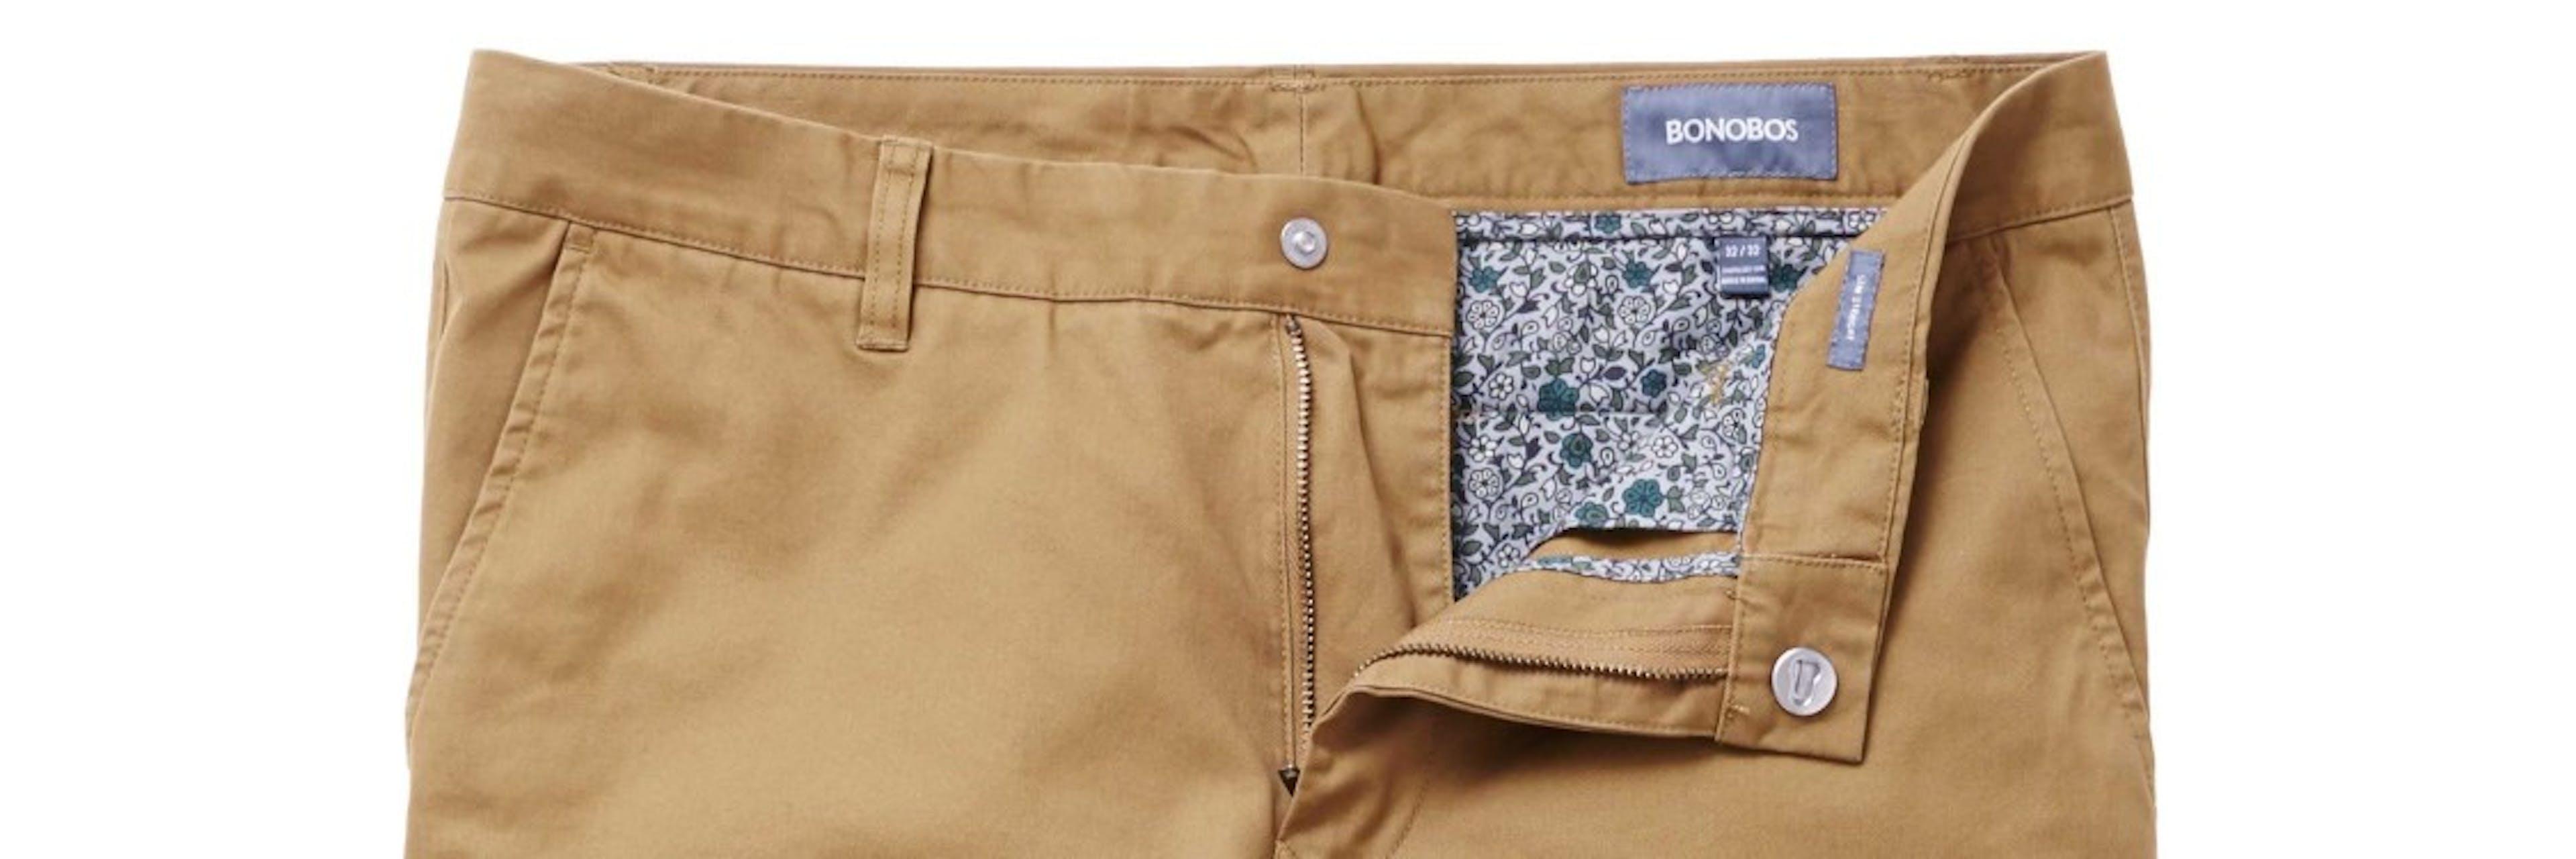 Image of Khakis waistband